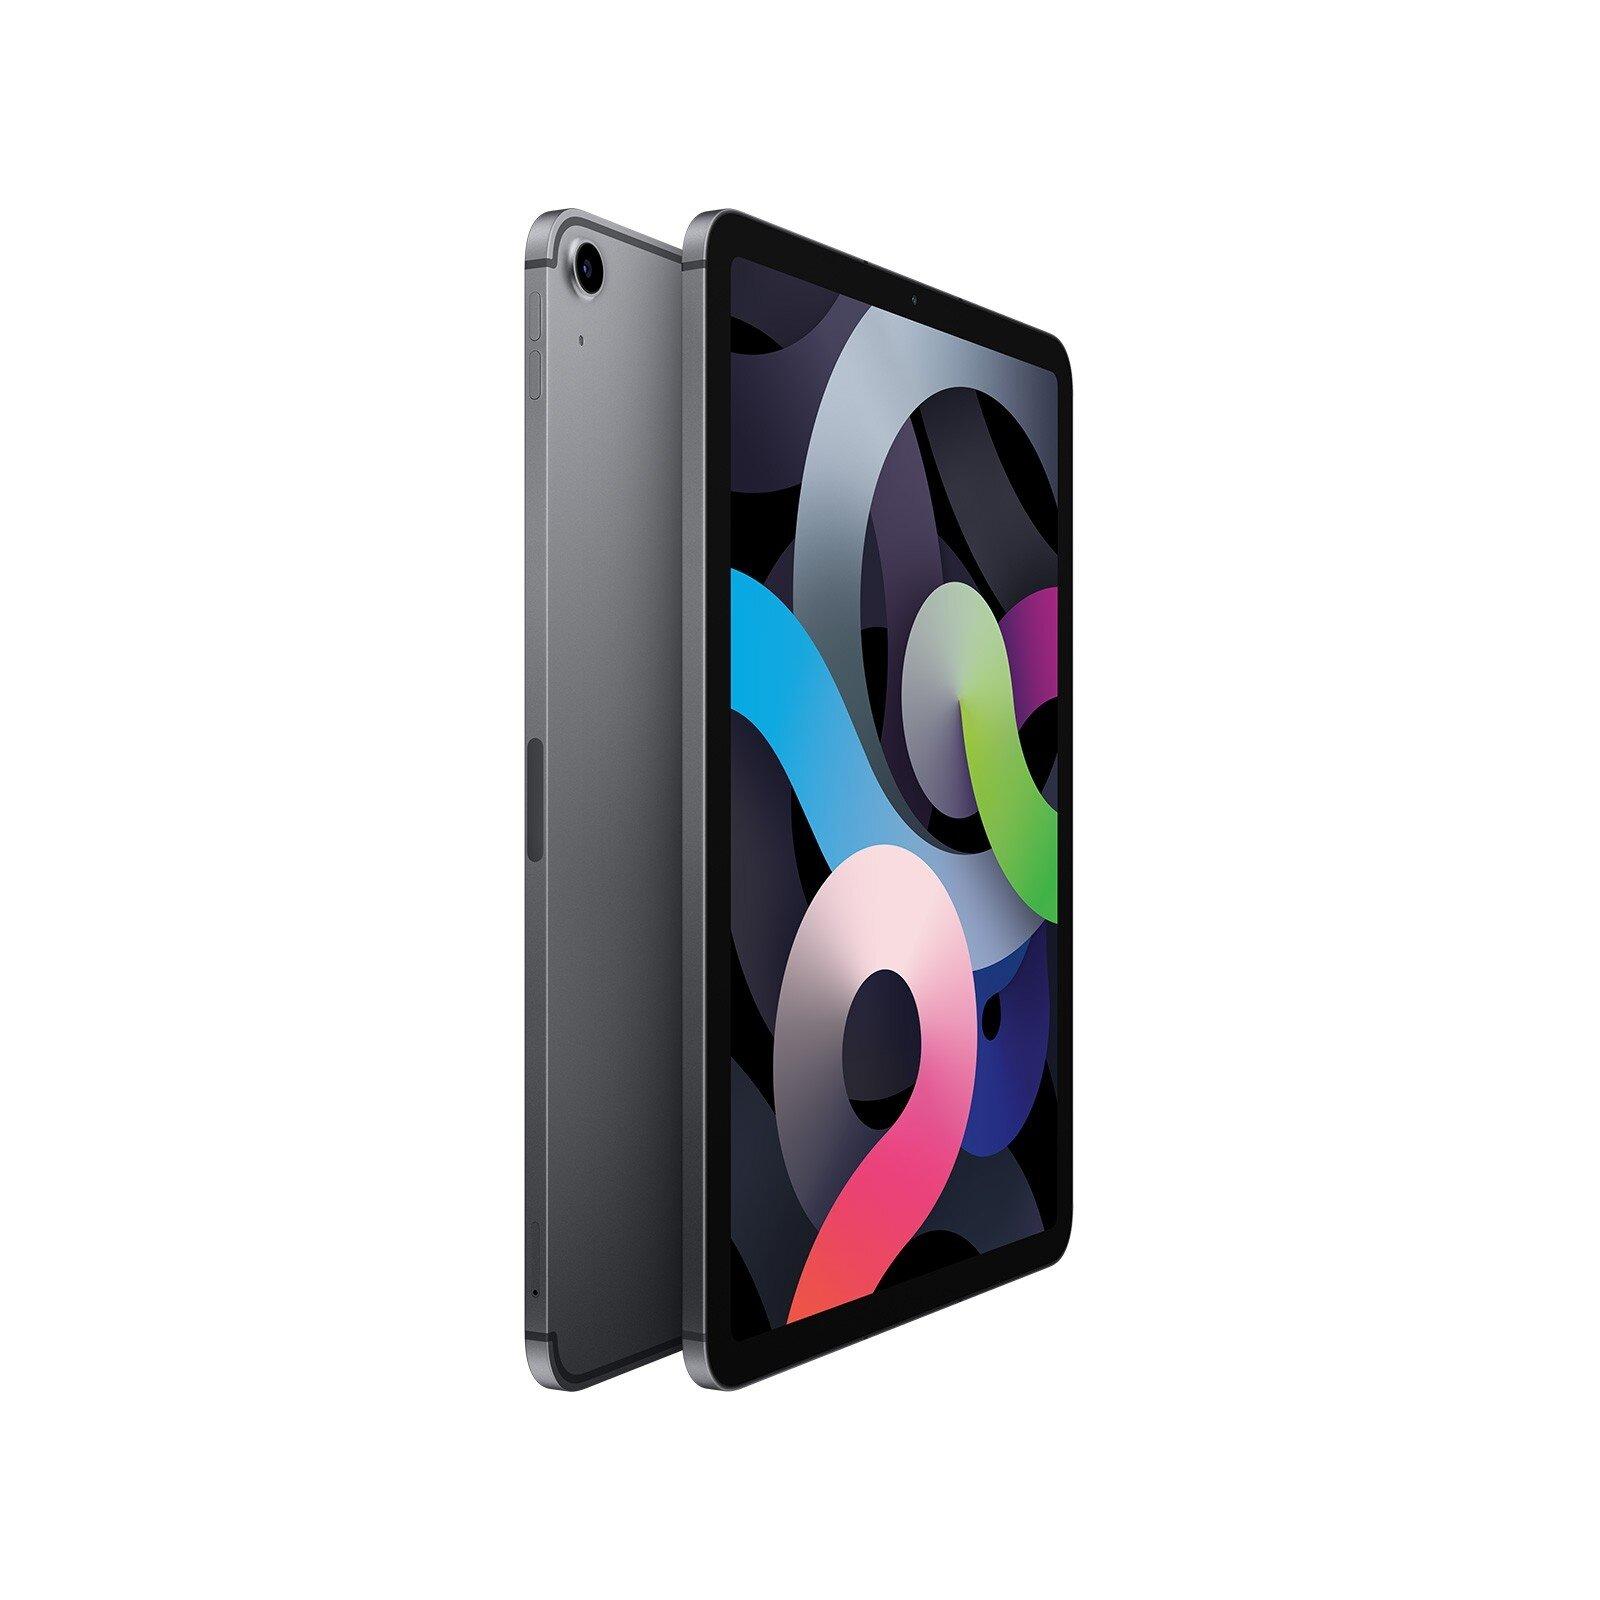 Apple iPad Air 10.9-inch Wi-Fi + Cellular 64GB - Space Grey